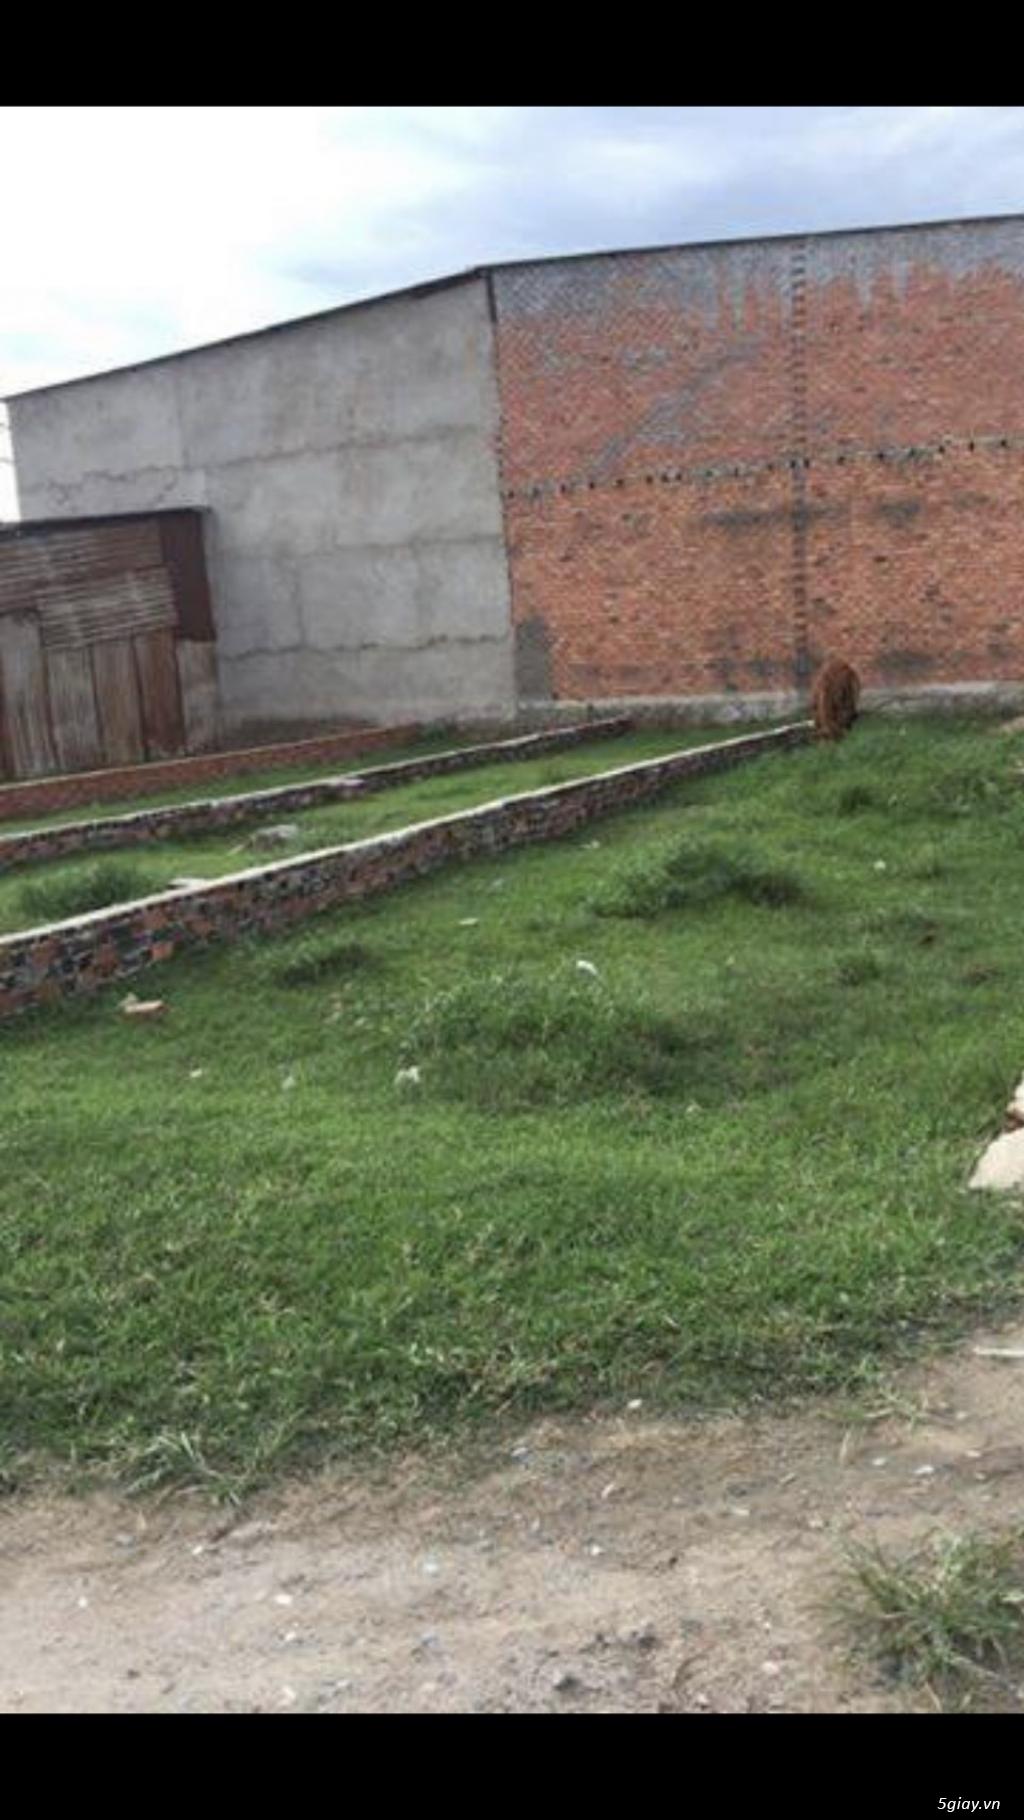 Cần bán lô đất chính chủ hẻm bê tông 6 m 4x14 m2 ấp 2 vĩnh lộc A